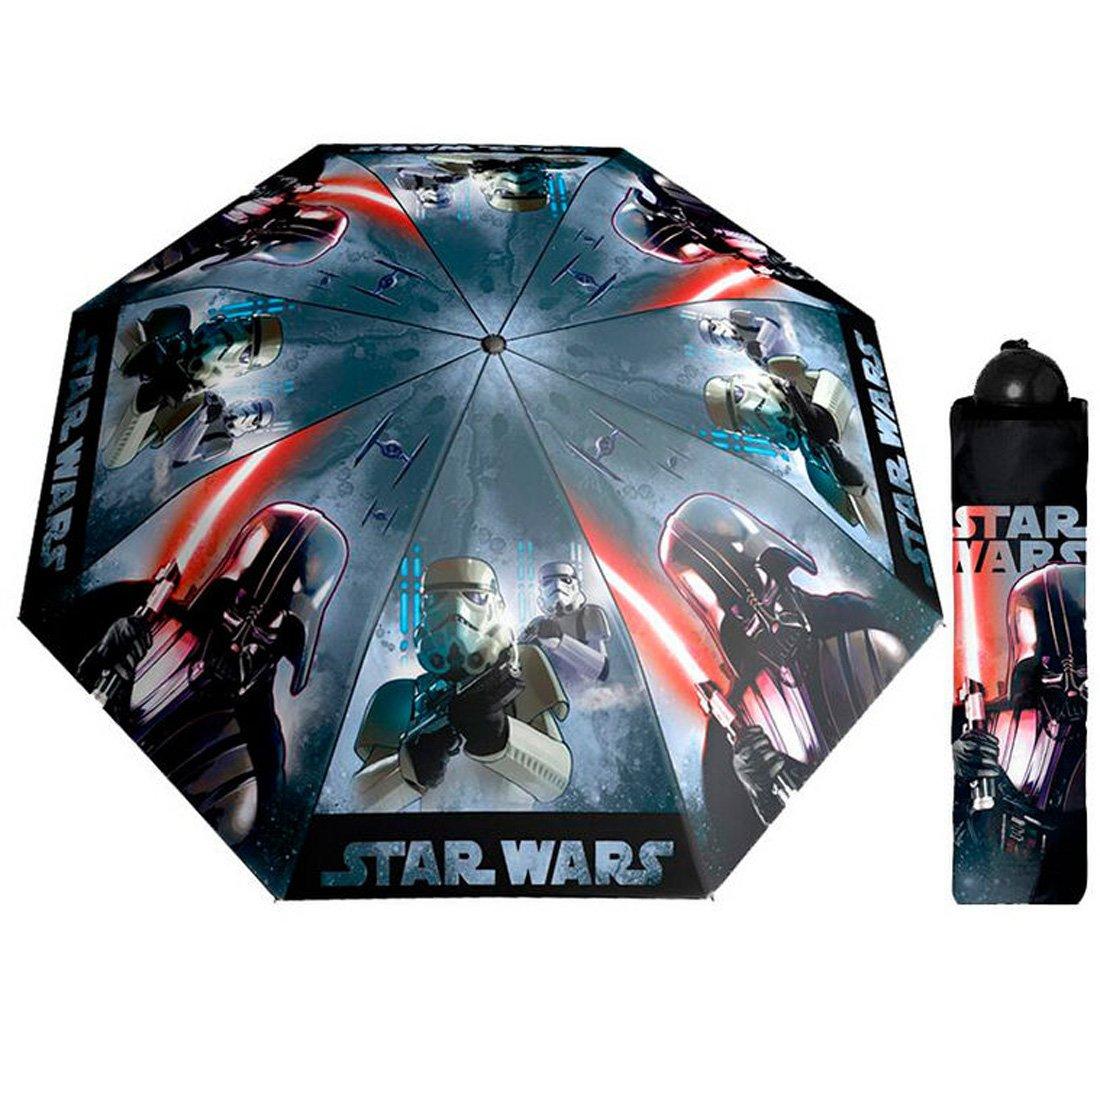 Star Wars - Stormtrooper Hand Kinderschirm 50 cm Perletti SWHX50641 Film & Fernsehen